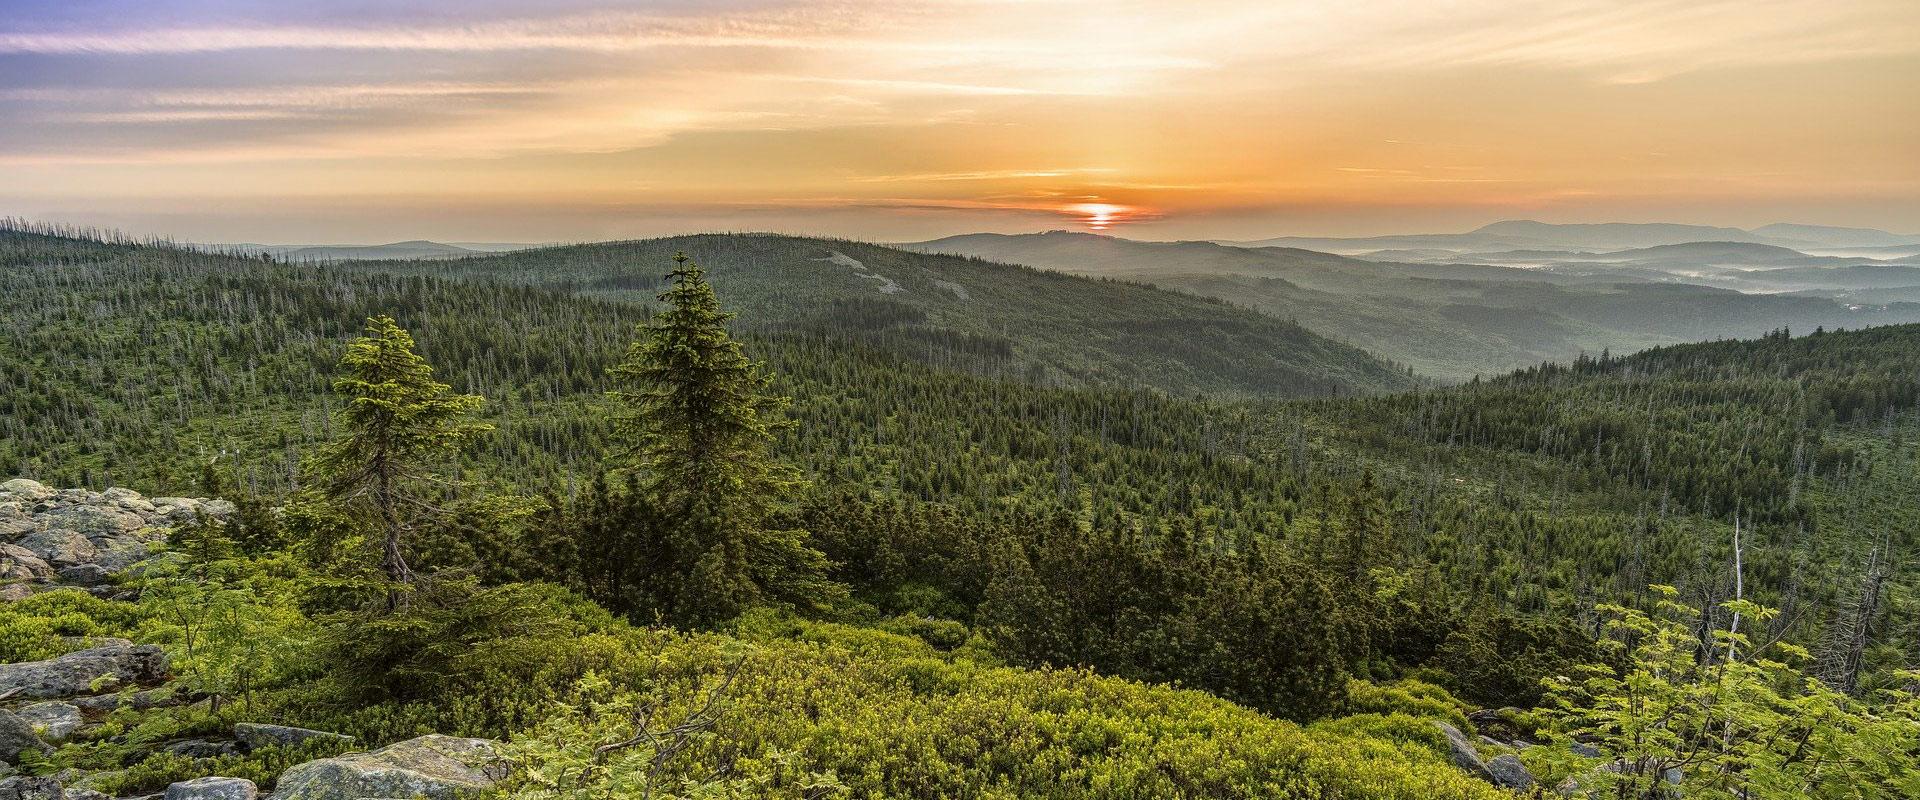 Blick vom Lusen (1373 m) im Bayerischen Wald